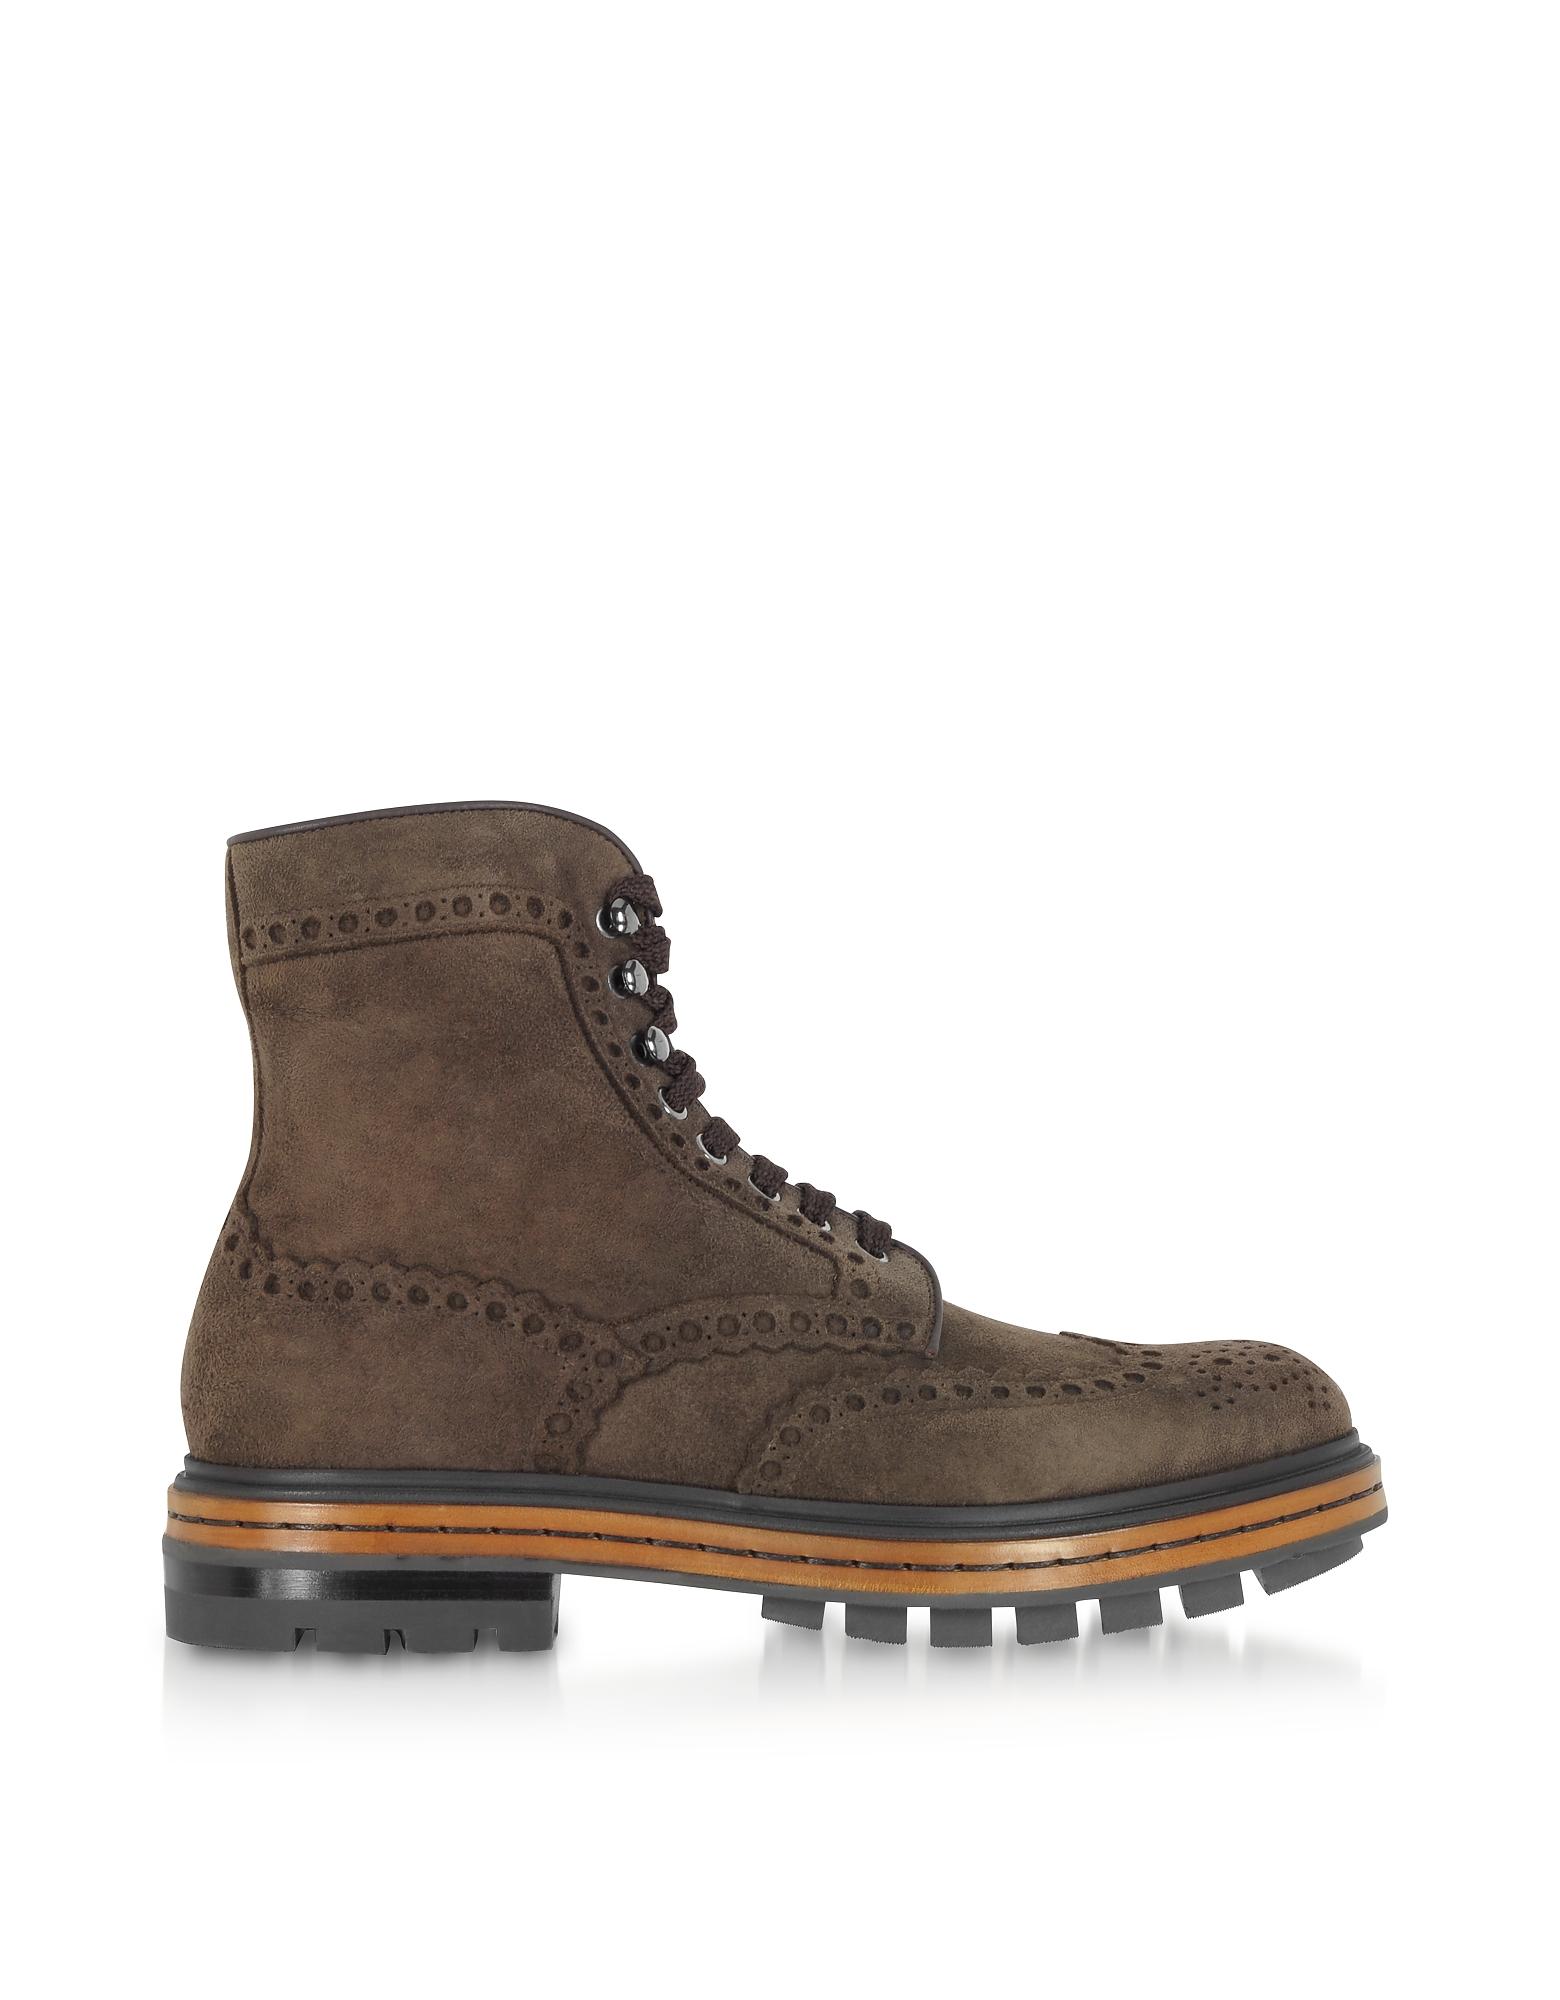 Brown Deer Suede Men's Boots